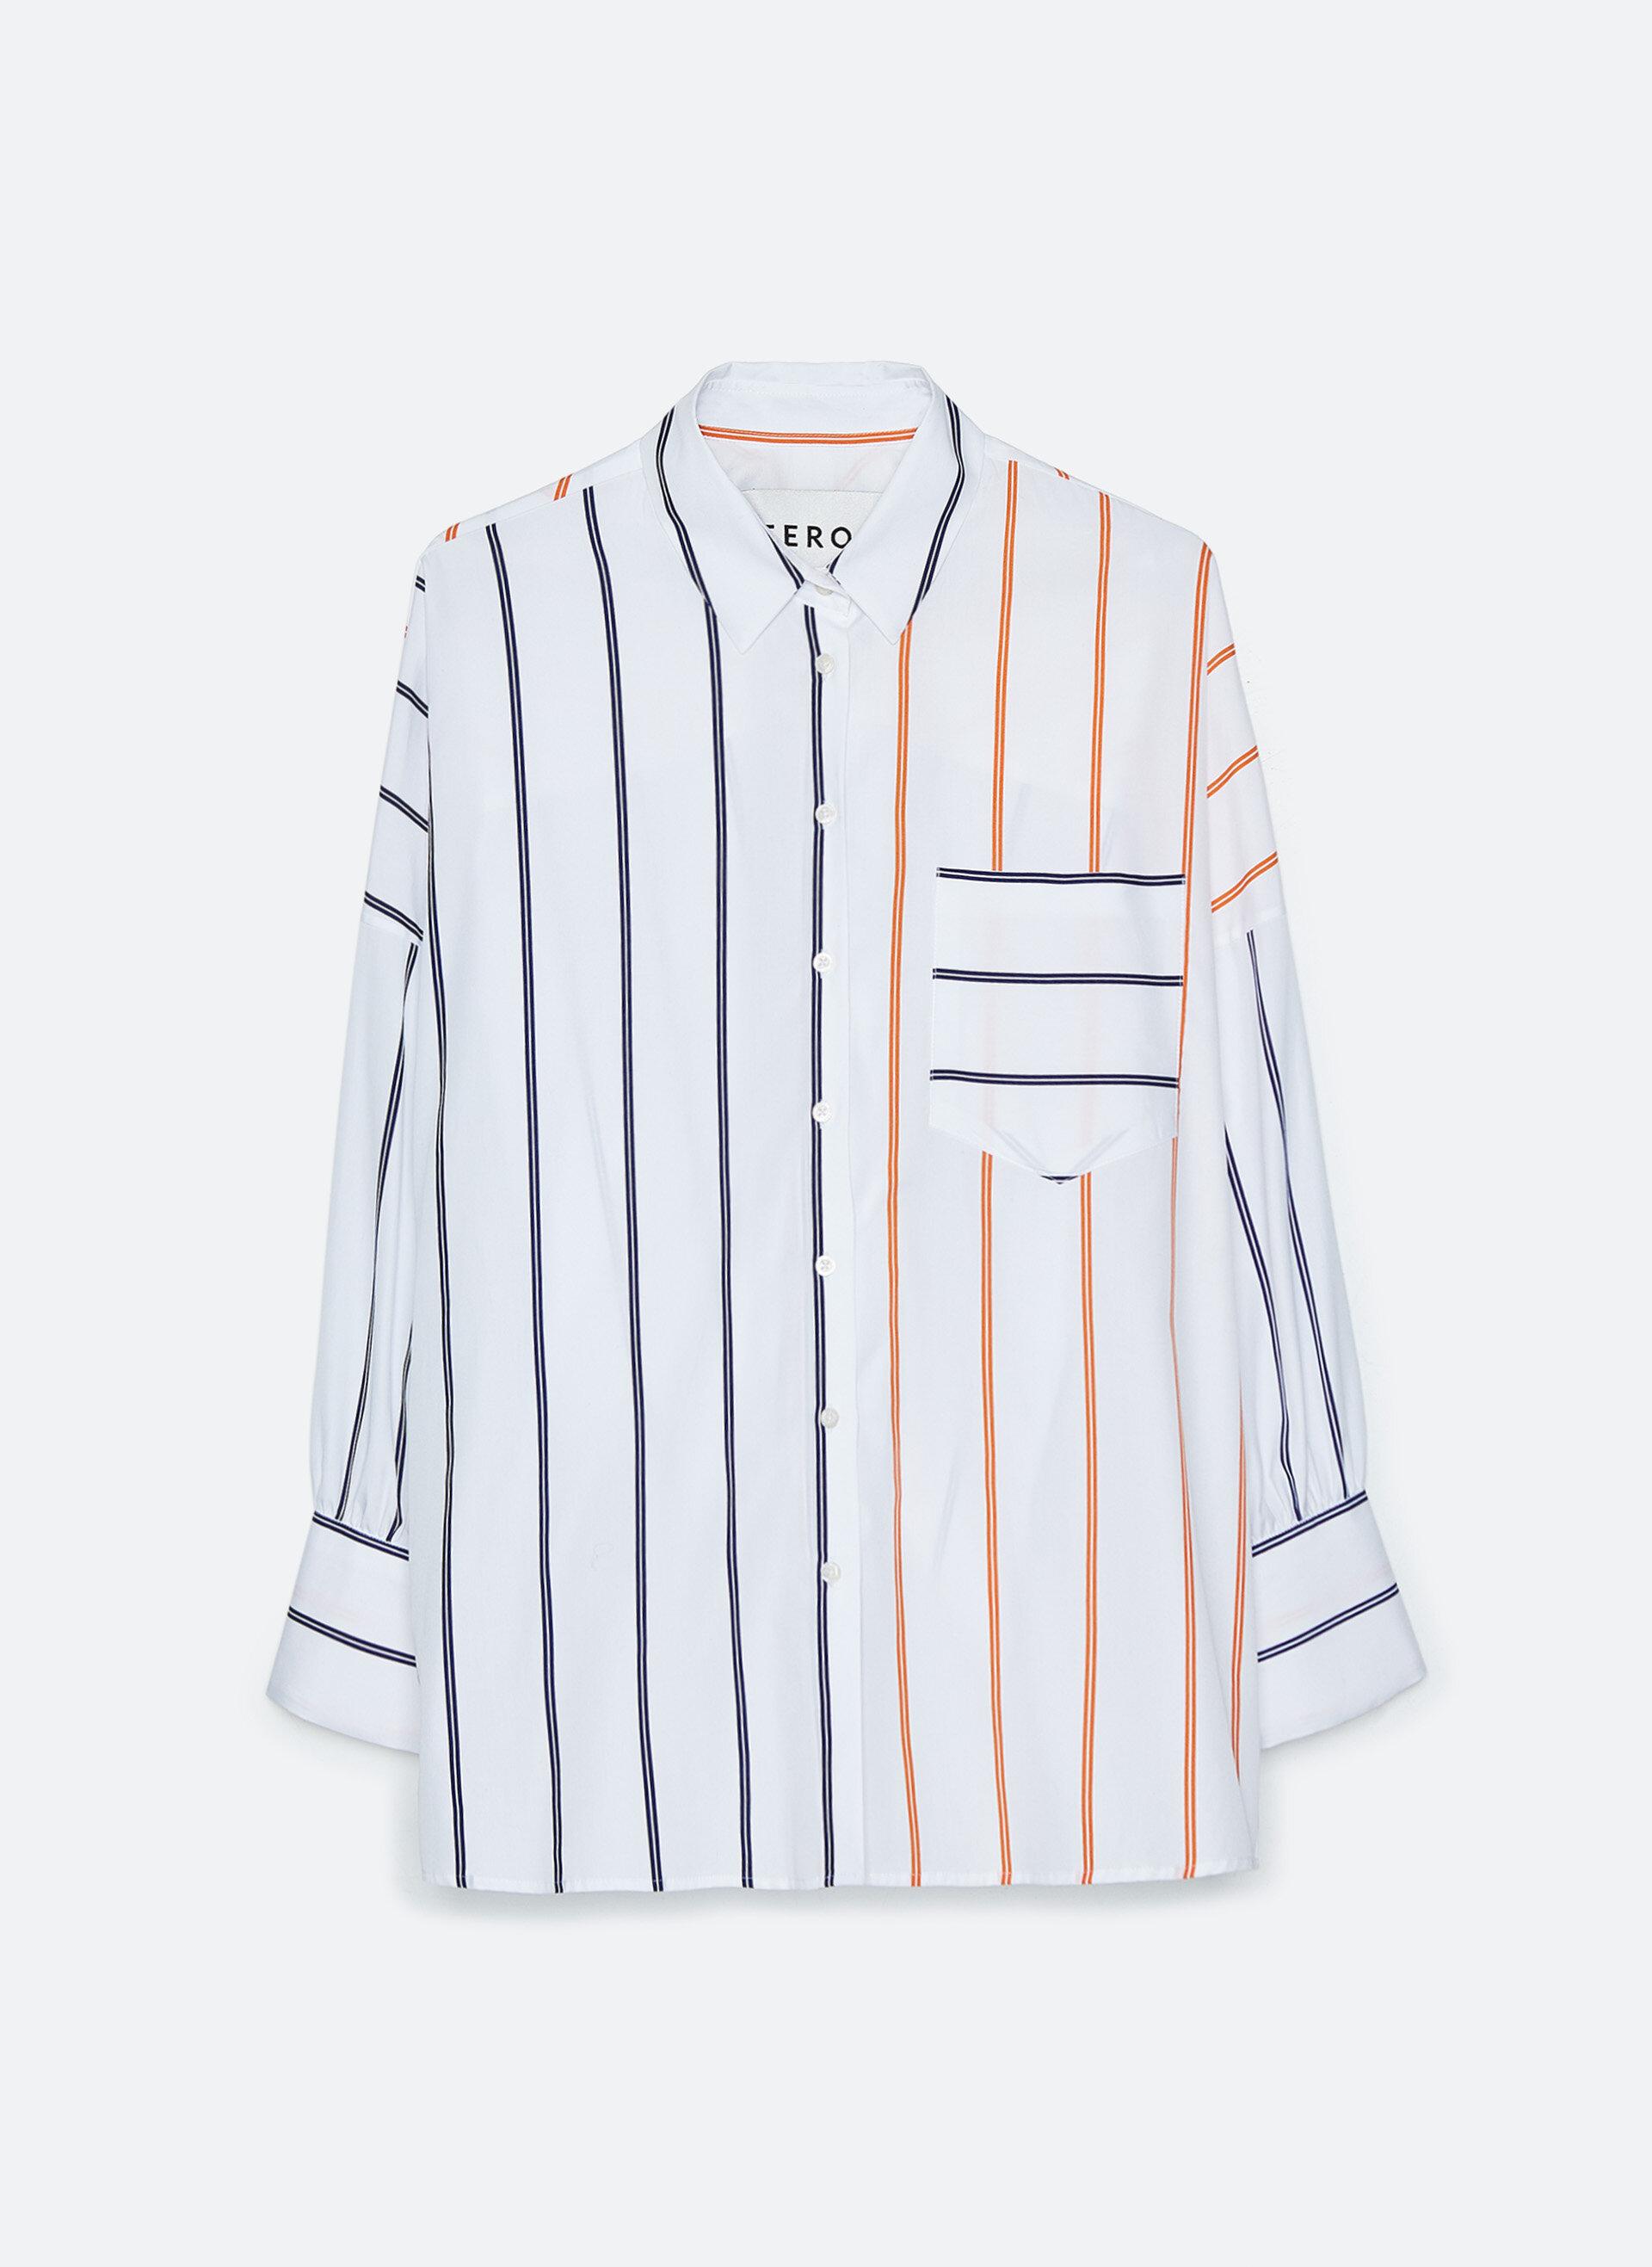 Camisas Temporada